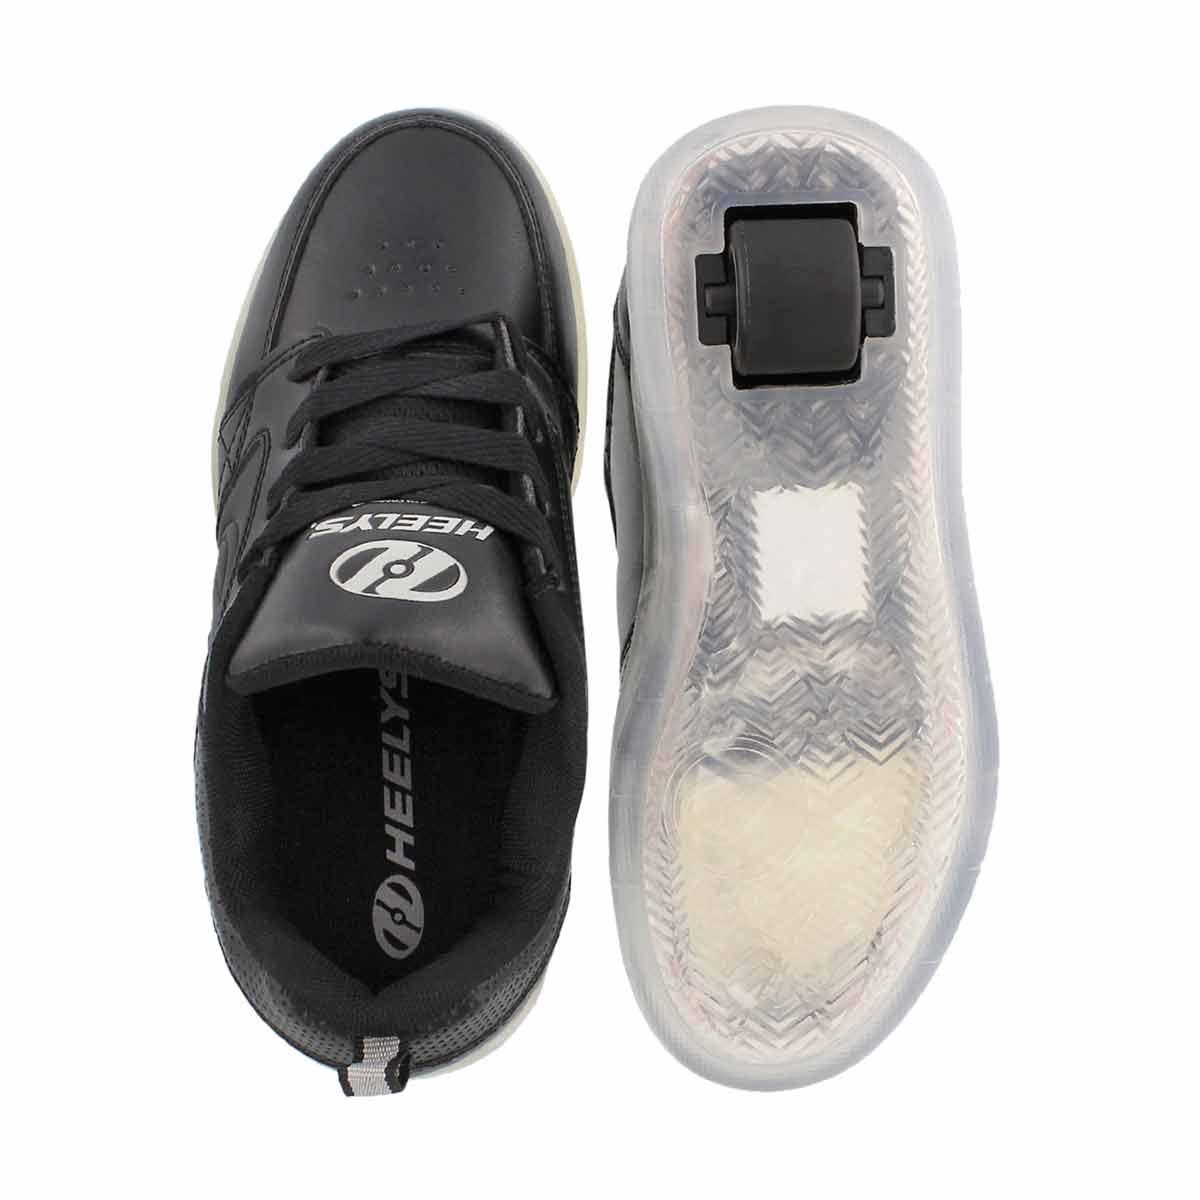 Kds Premium 1 Lo blk light up skate snkr